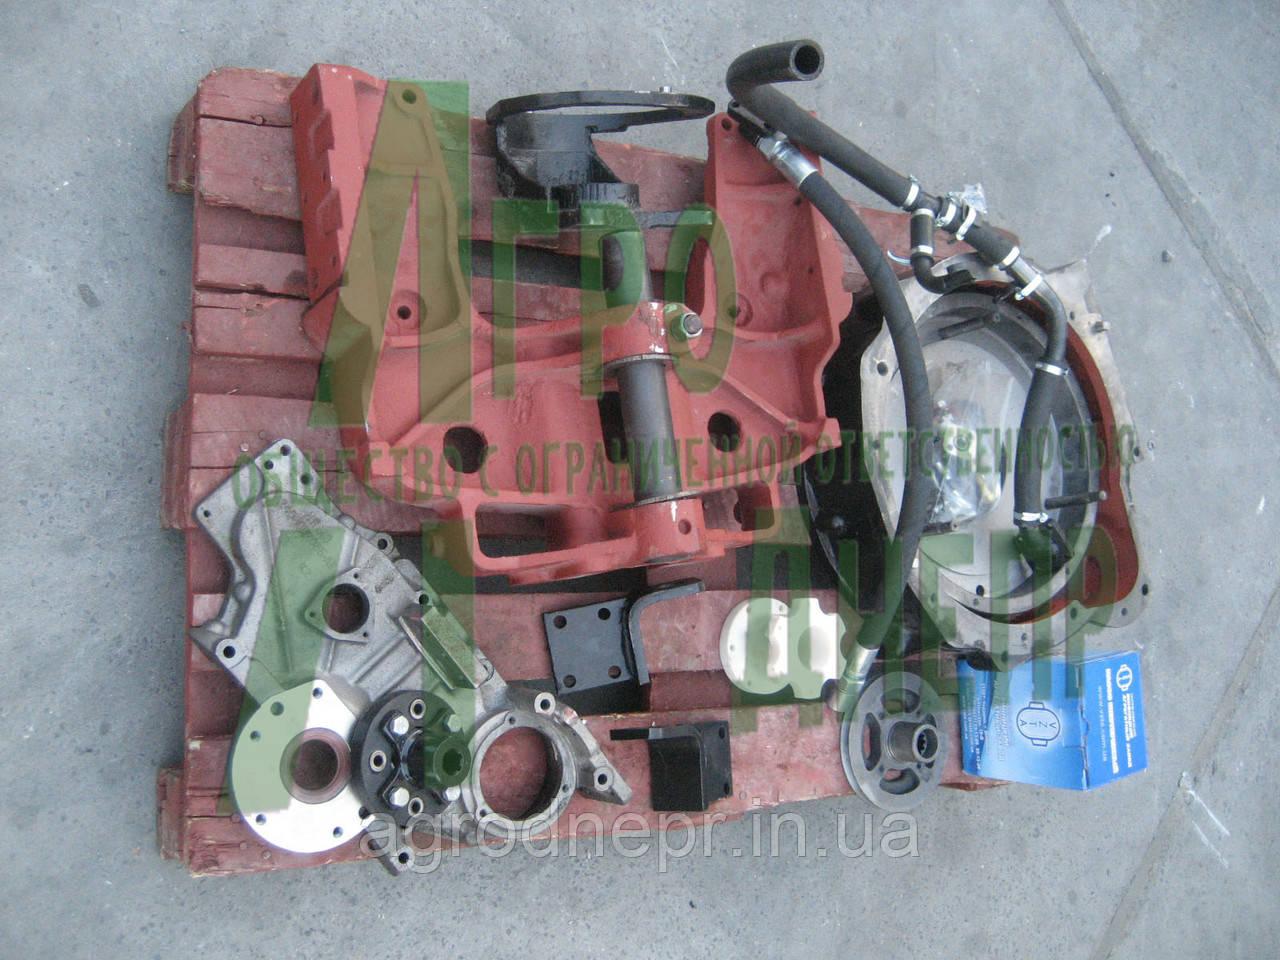 Комплект деталей для установки двигателя Д-240 на трактор ЮМЗ